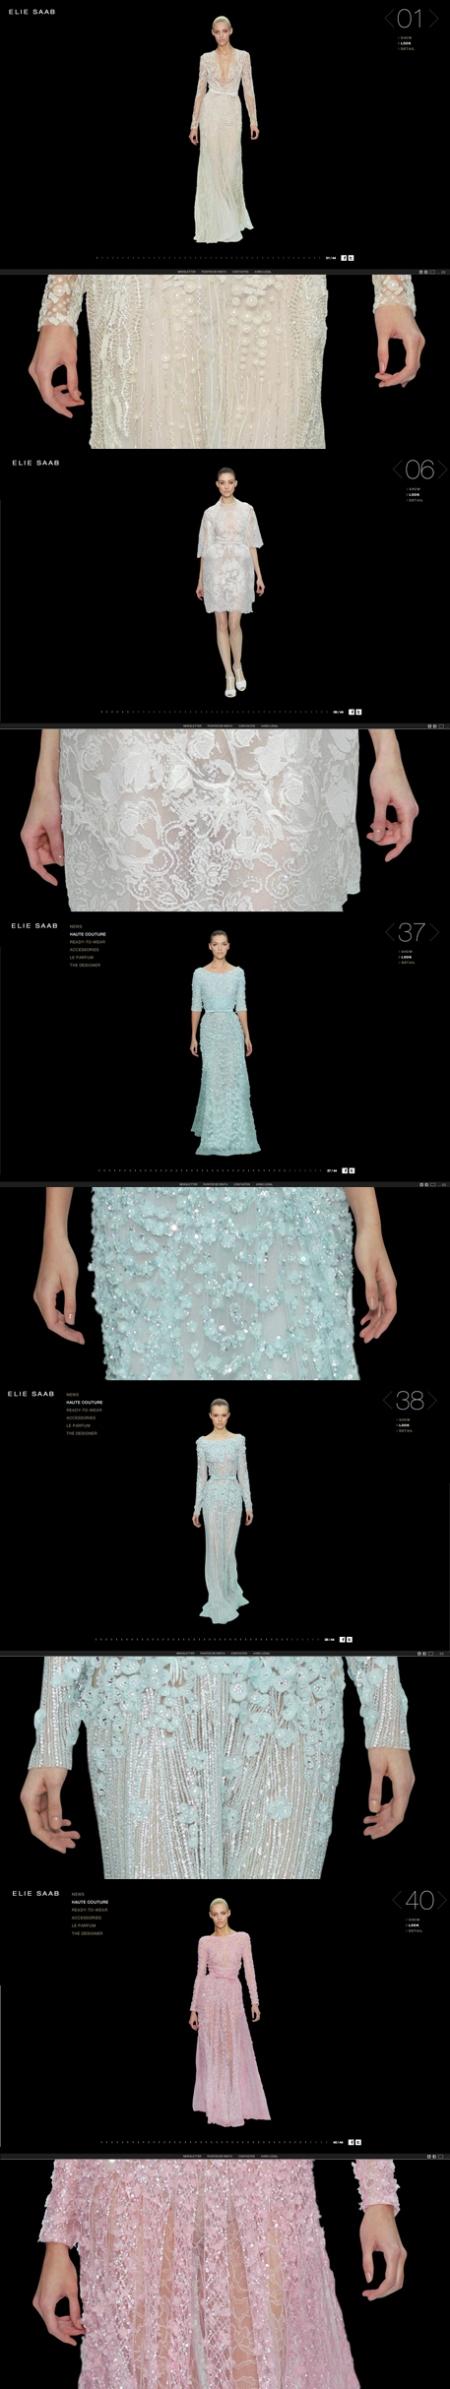 elie saab alta costura 2012, elie saab haute couture 2012, elie saab retoque photoshop, katanga73, katanga73.wordpress.com, katarama